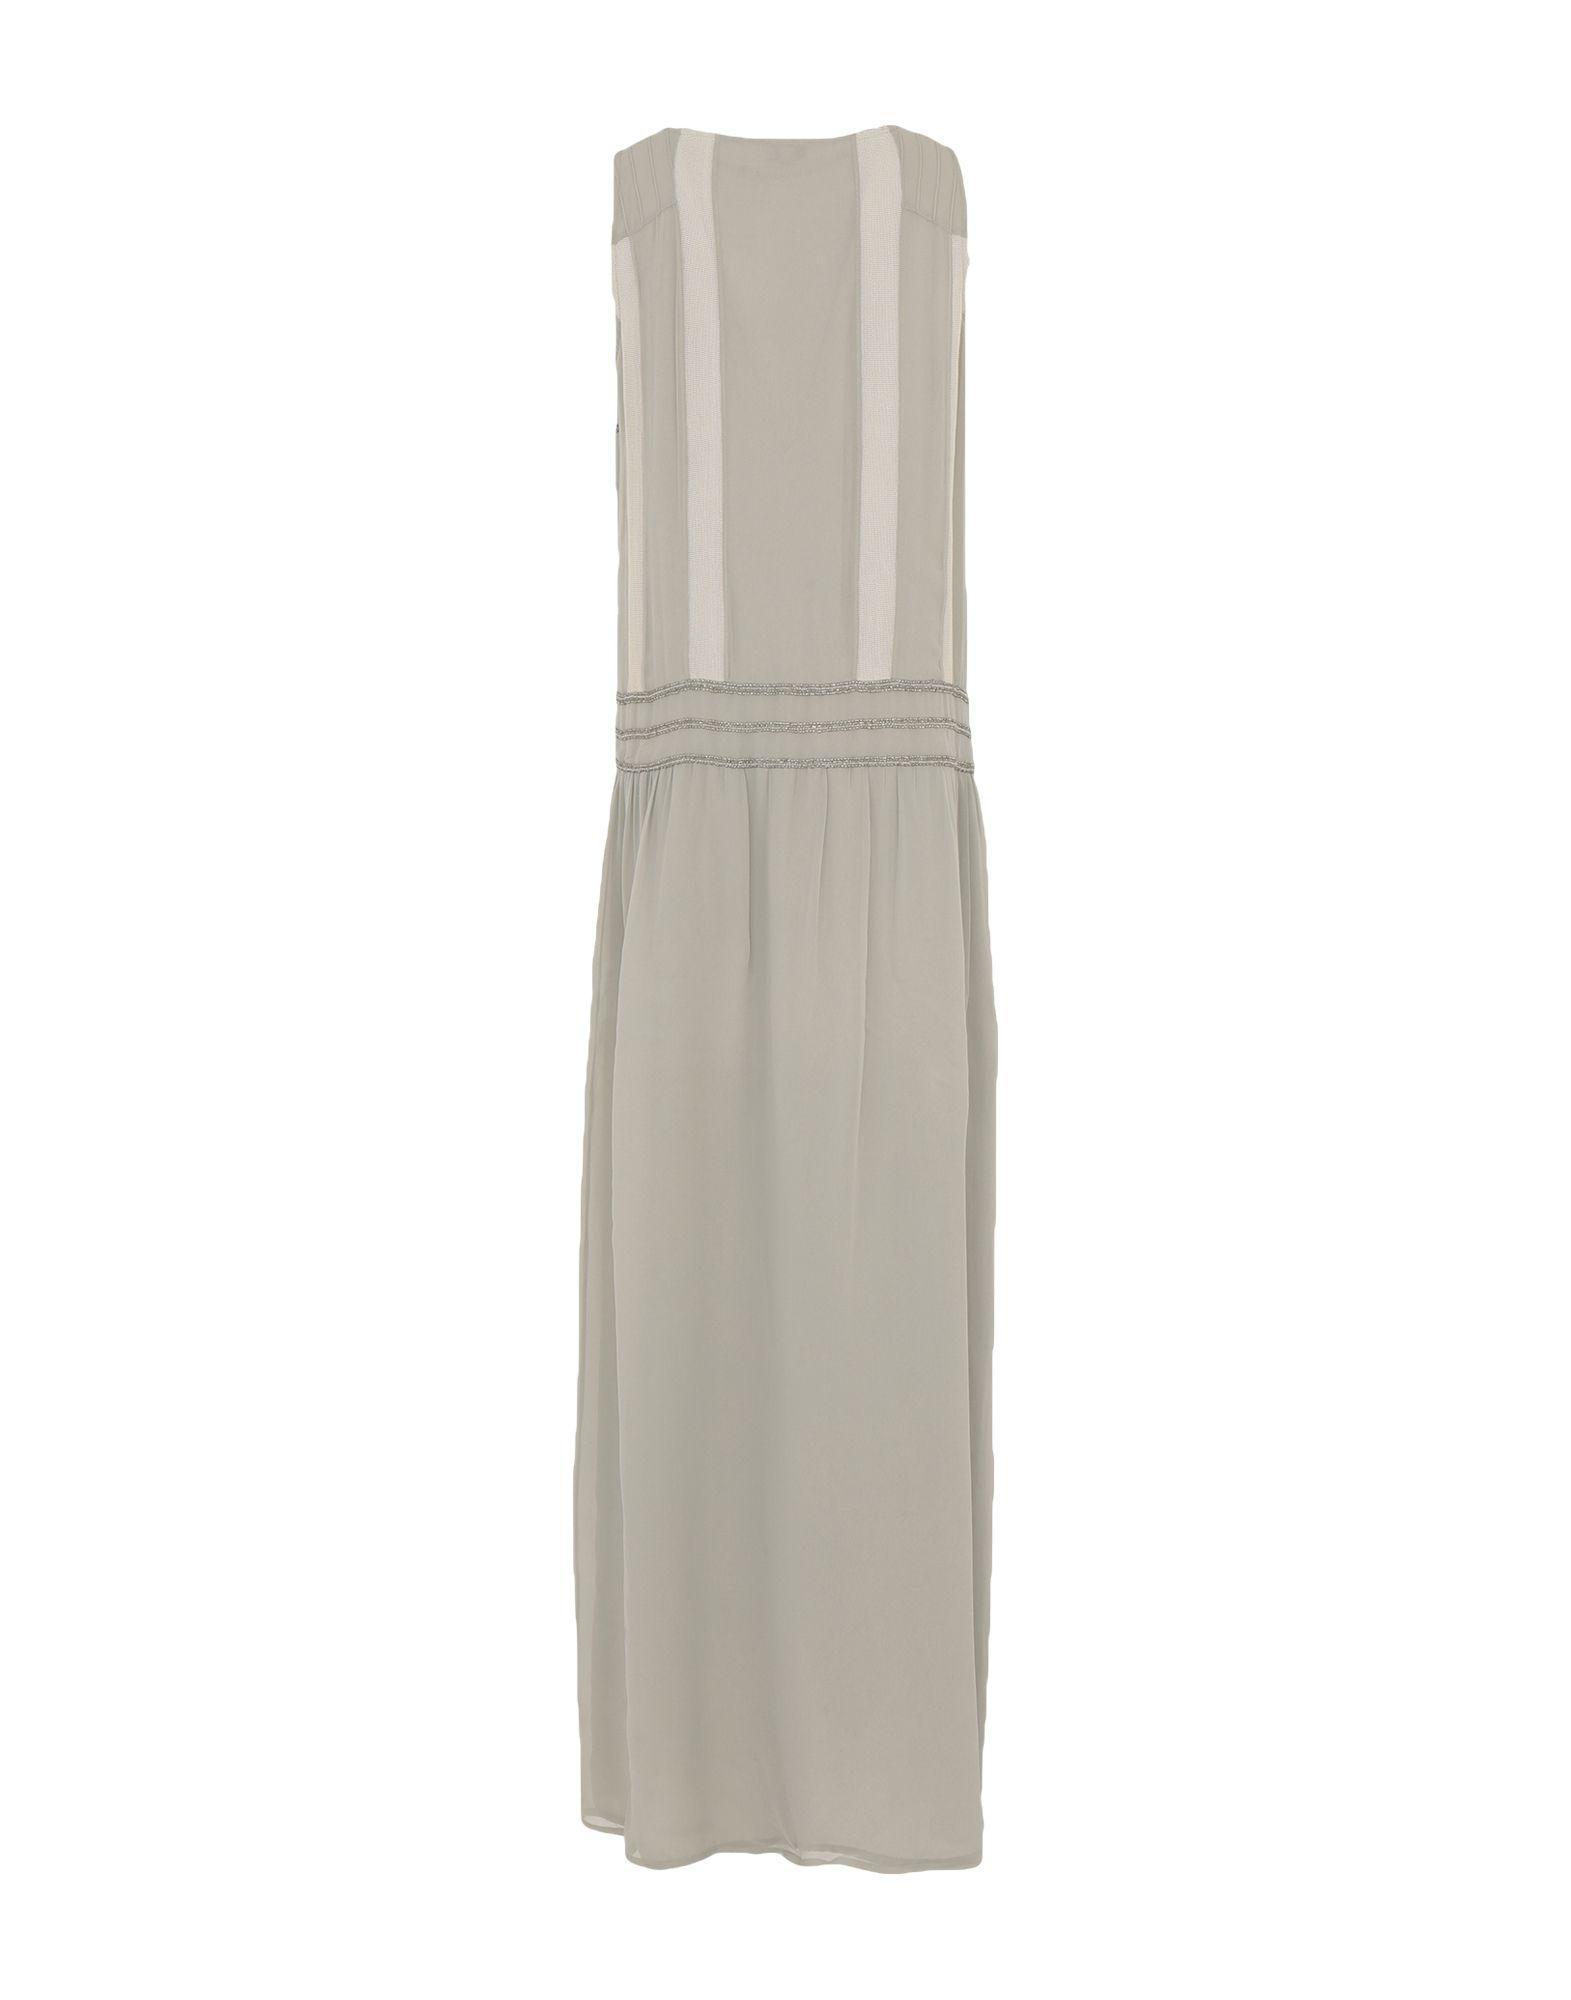 Robe longue Synthétique INTROPIA en coloris Gris